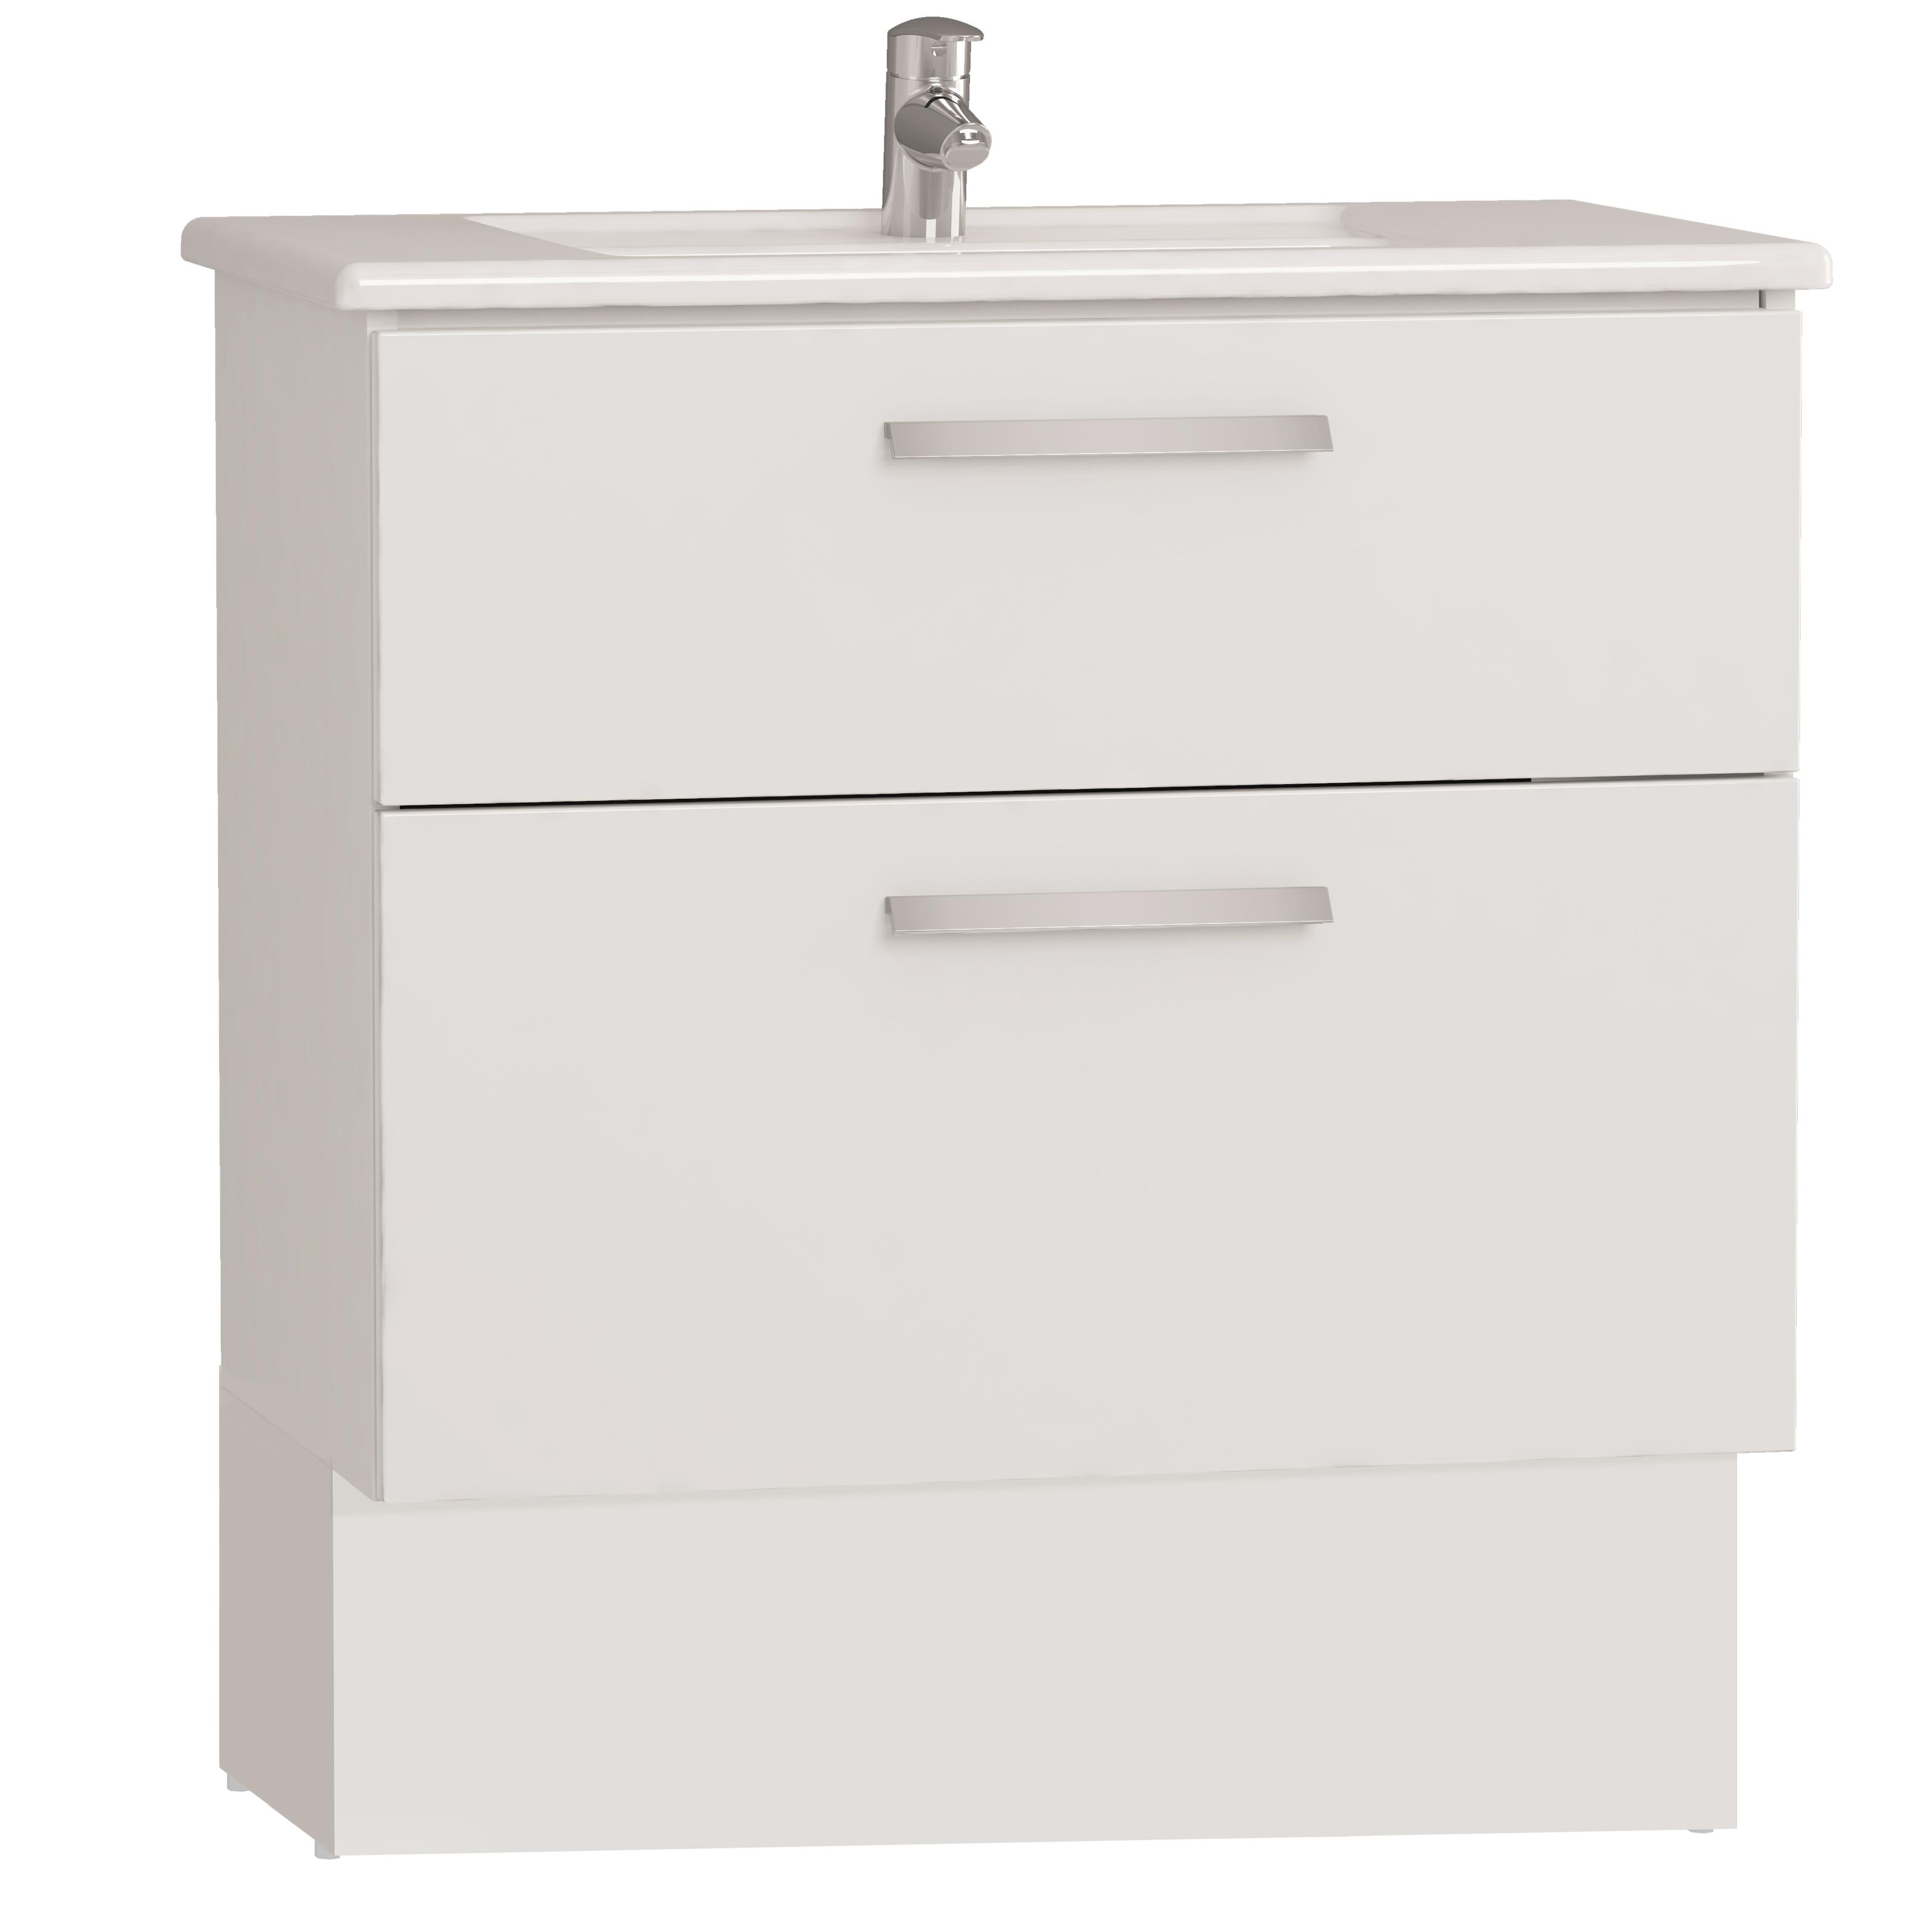 Integra socle pour meuble avec plan céramique avec deux tiroirs, 80 cm, blanc haute brillance